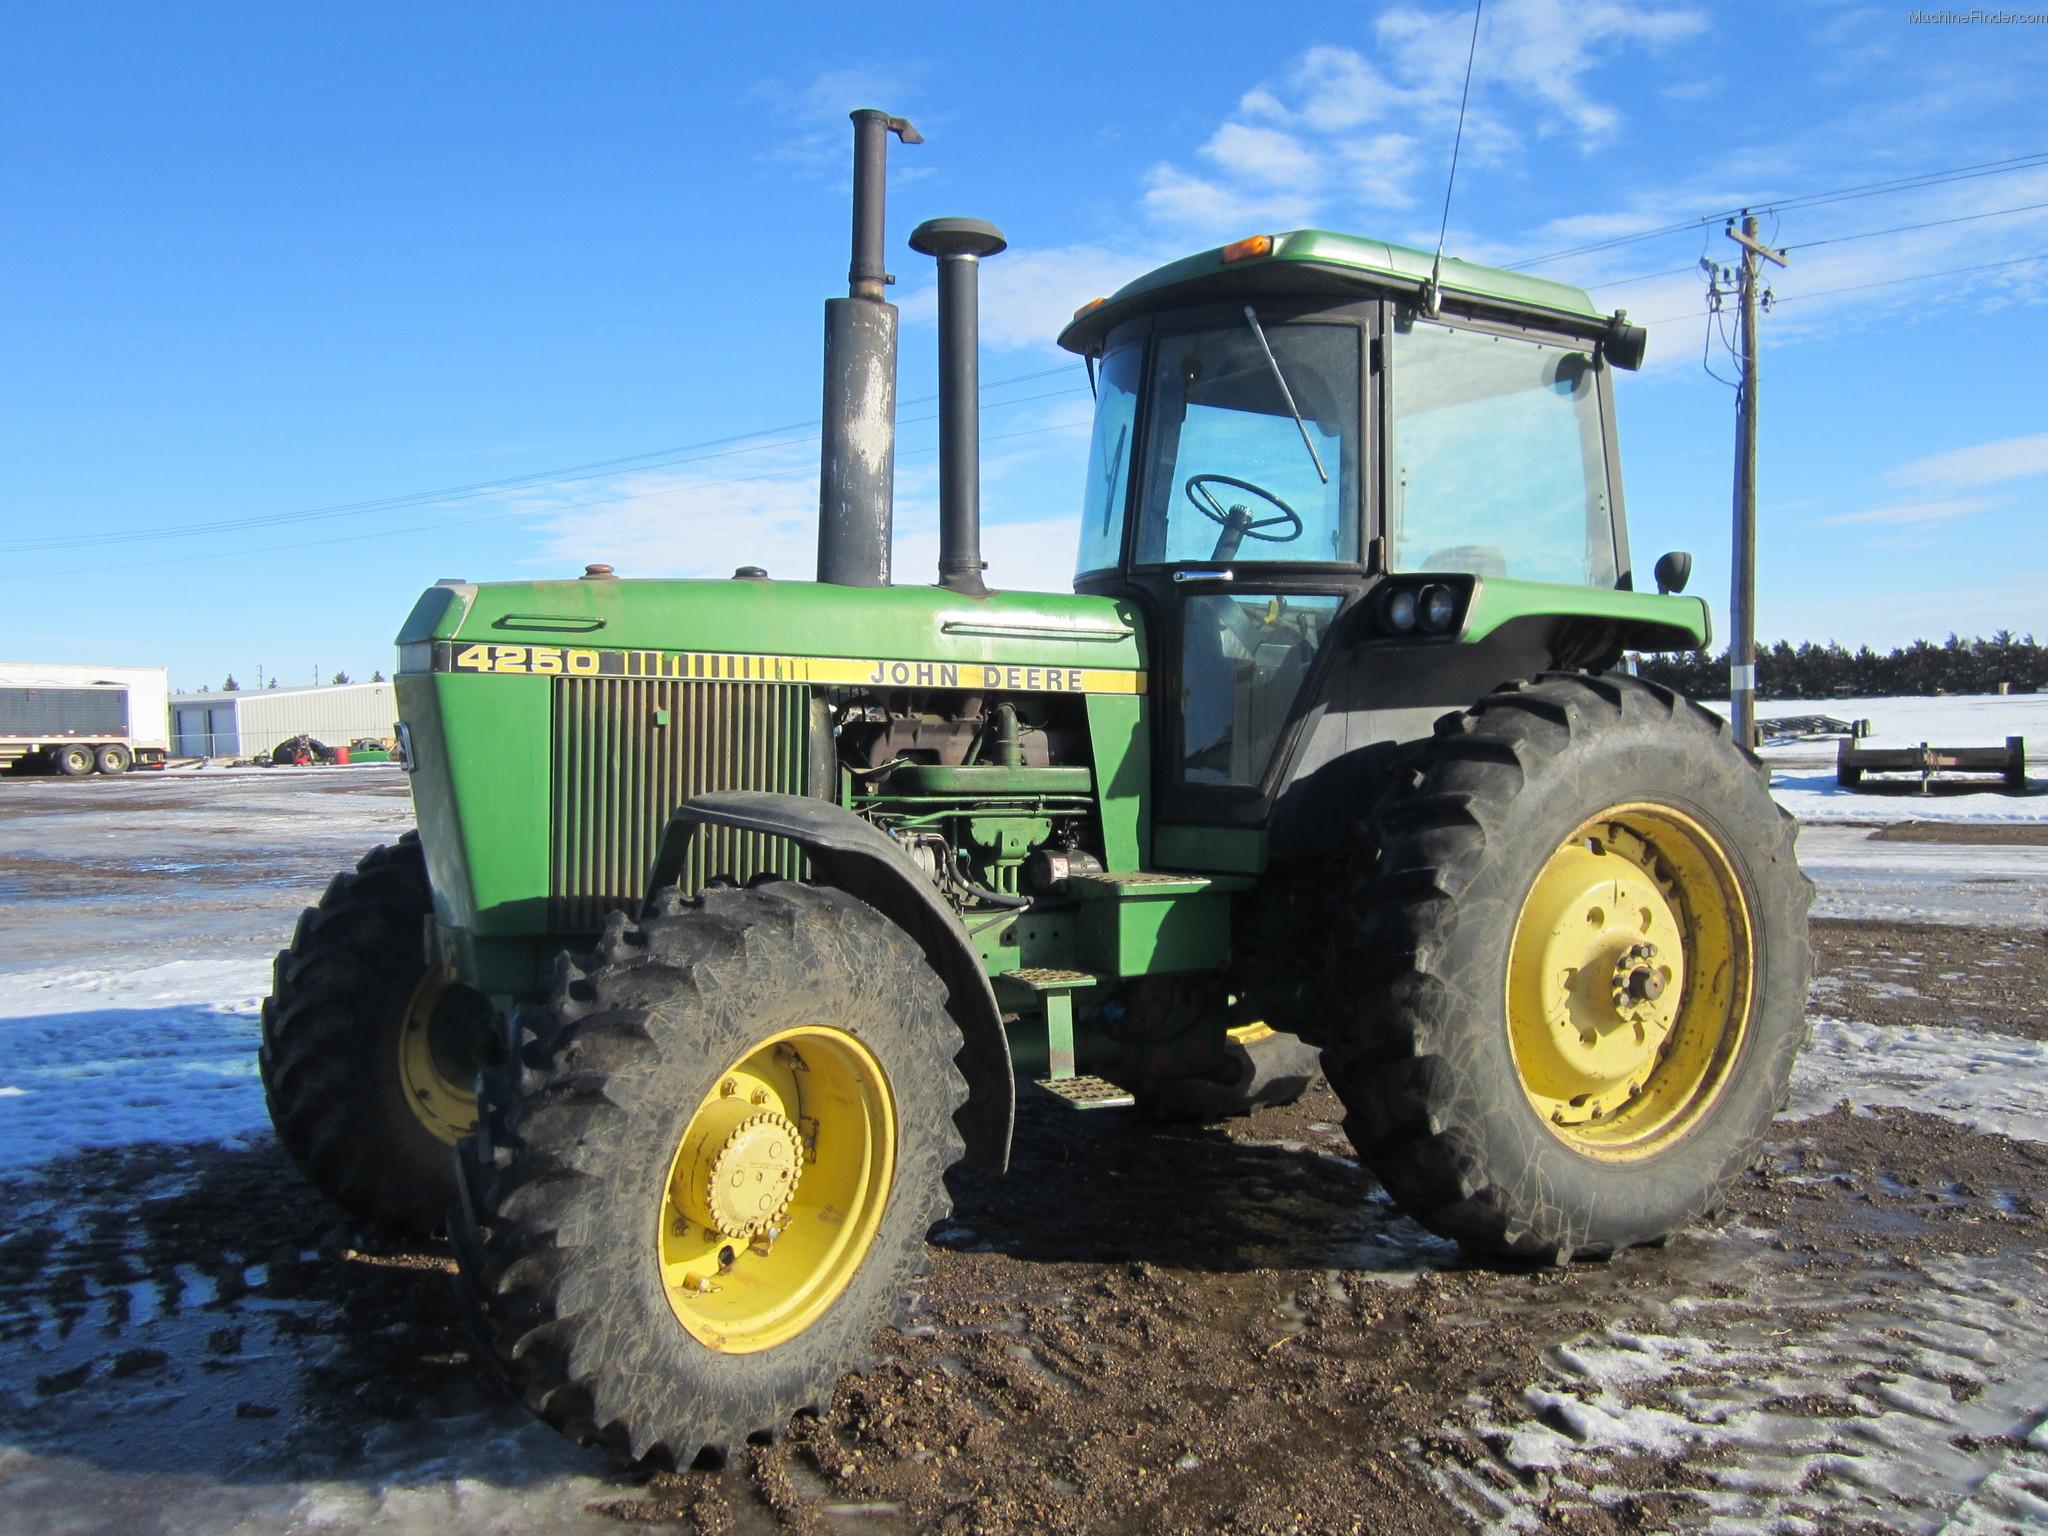 John Deere 4250 Tractors - Row Crop (+100hp) - John Deere ...